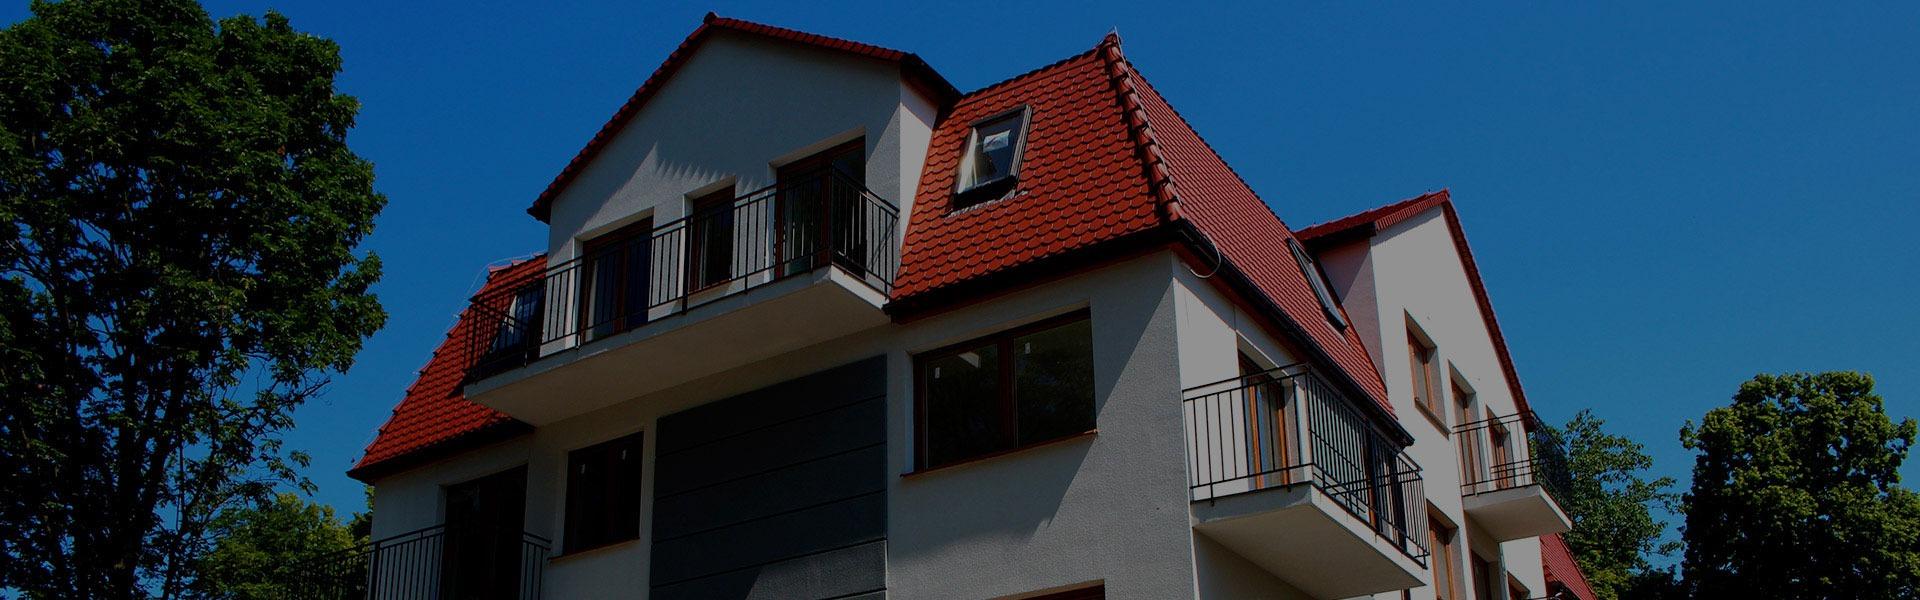 Dom z Keramzytu - budowa domów wielorodzinnych